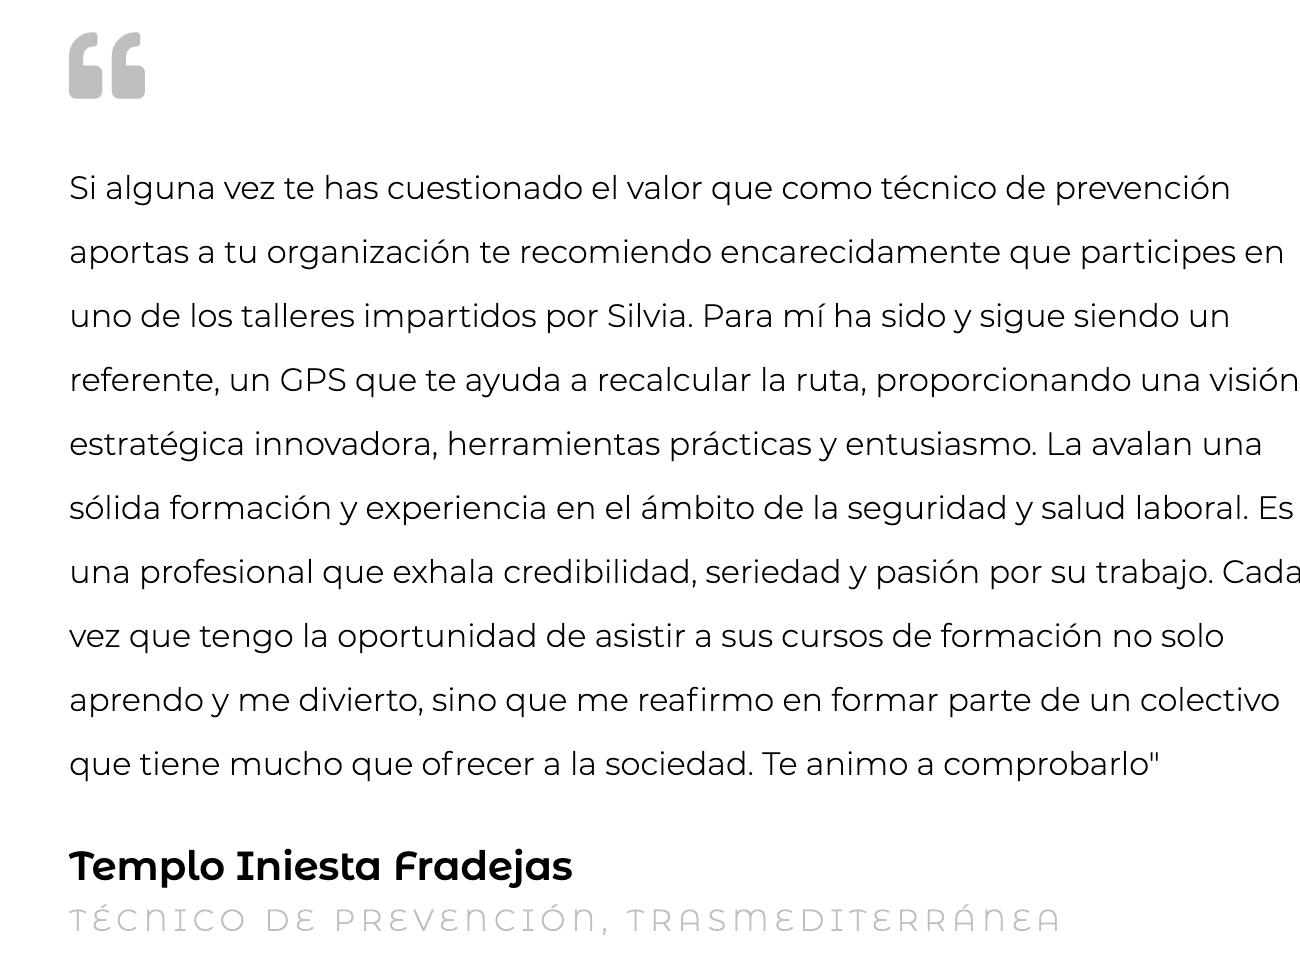 Silvia Oceransky Cultura Preventiva opiniones formacion Templo Iniesta Fradejas